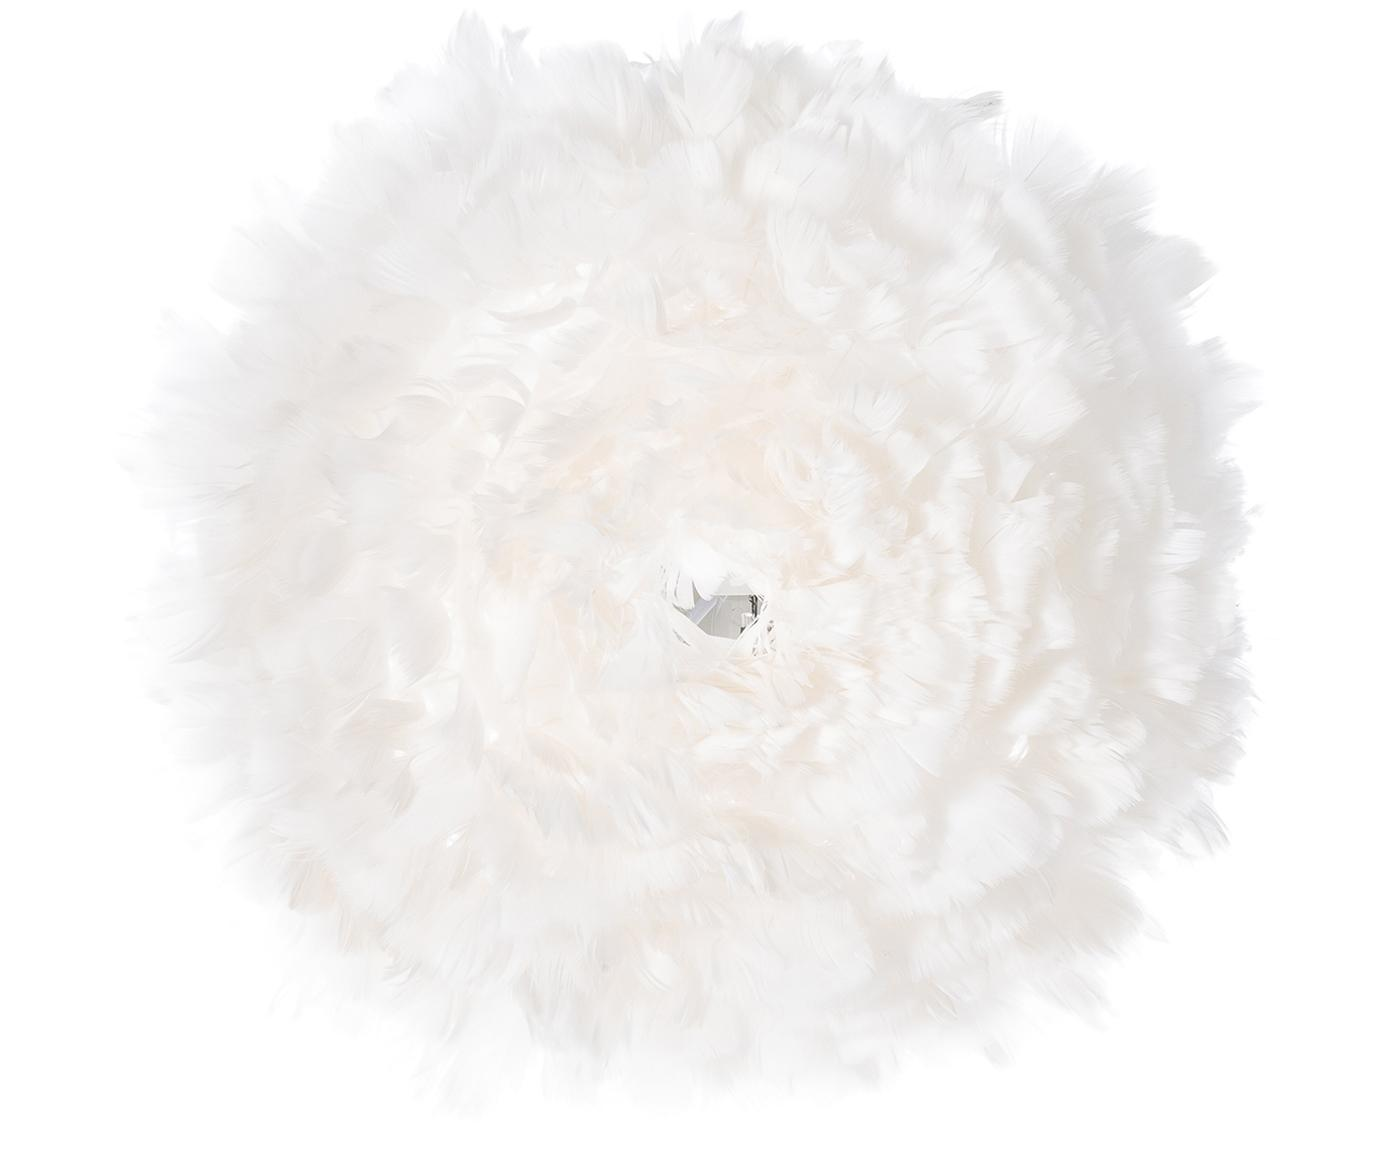 Lampada da parete e soffitto in piume Eos Up, Paralume: piuma d'oca, Bianco, Ø 40 x Prof. 15 cm